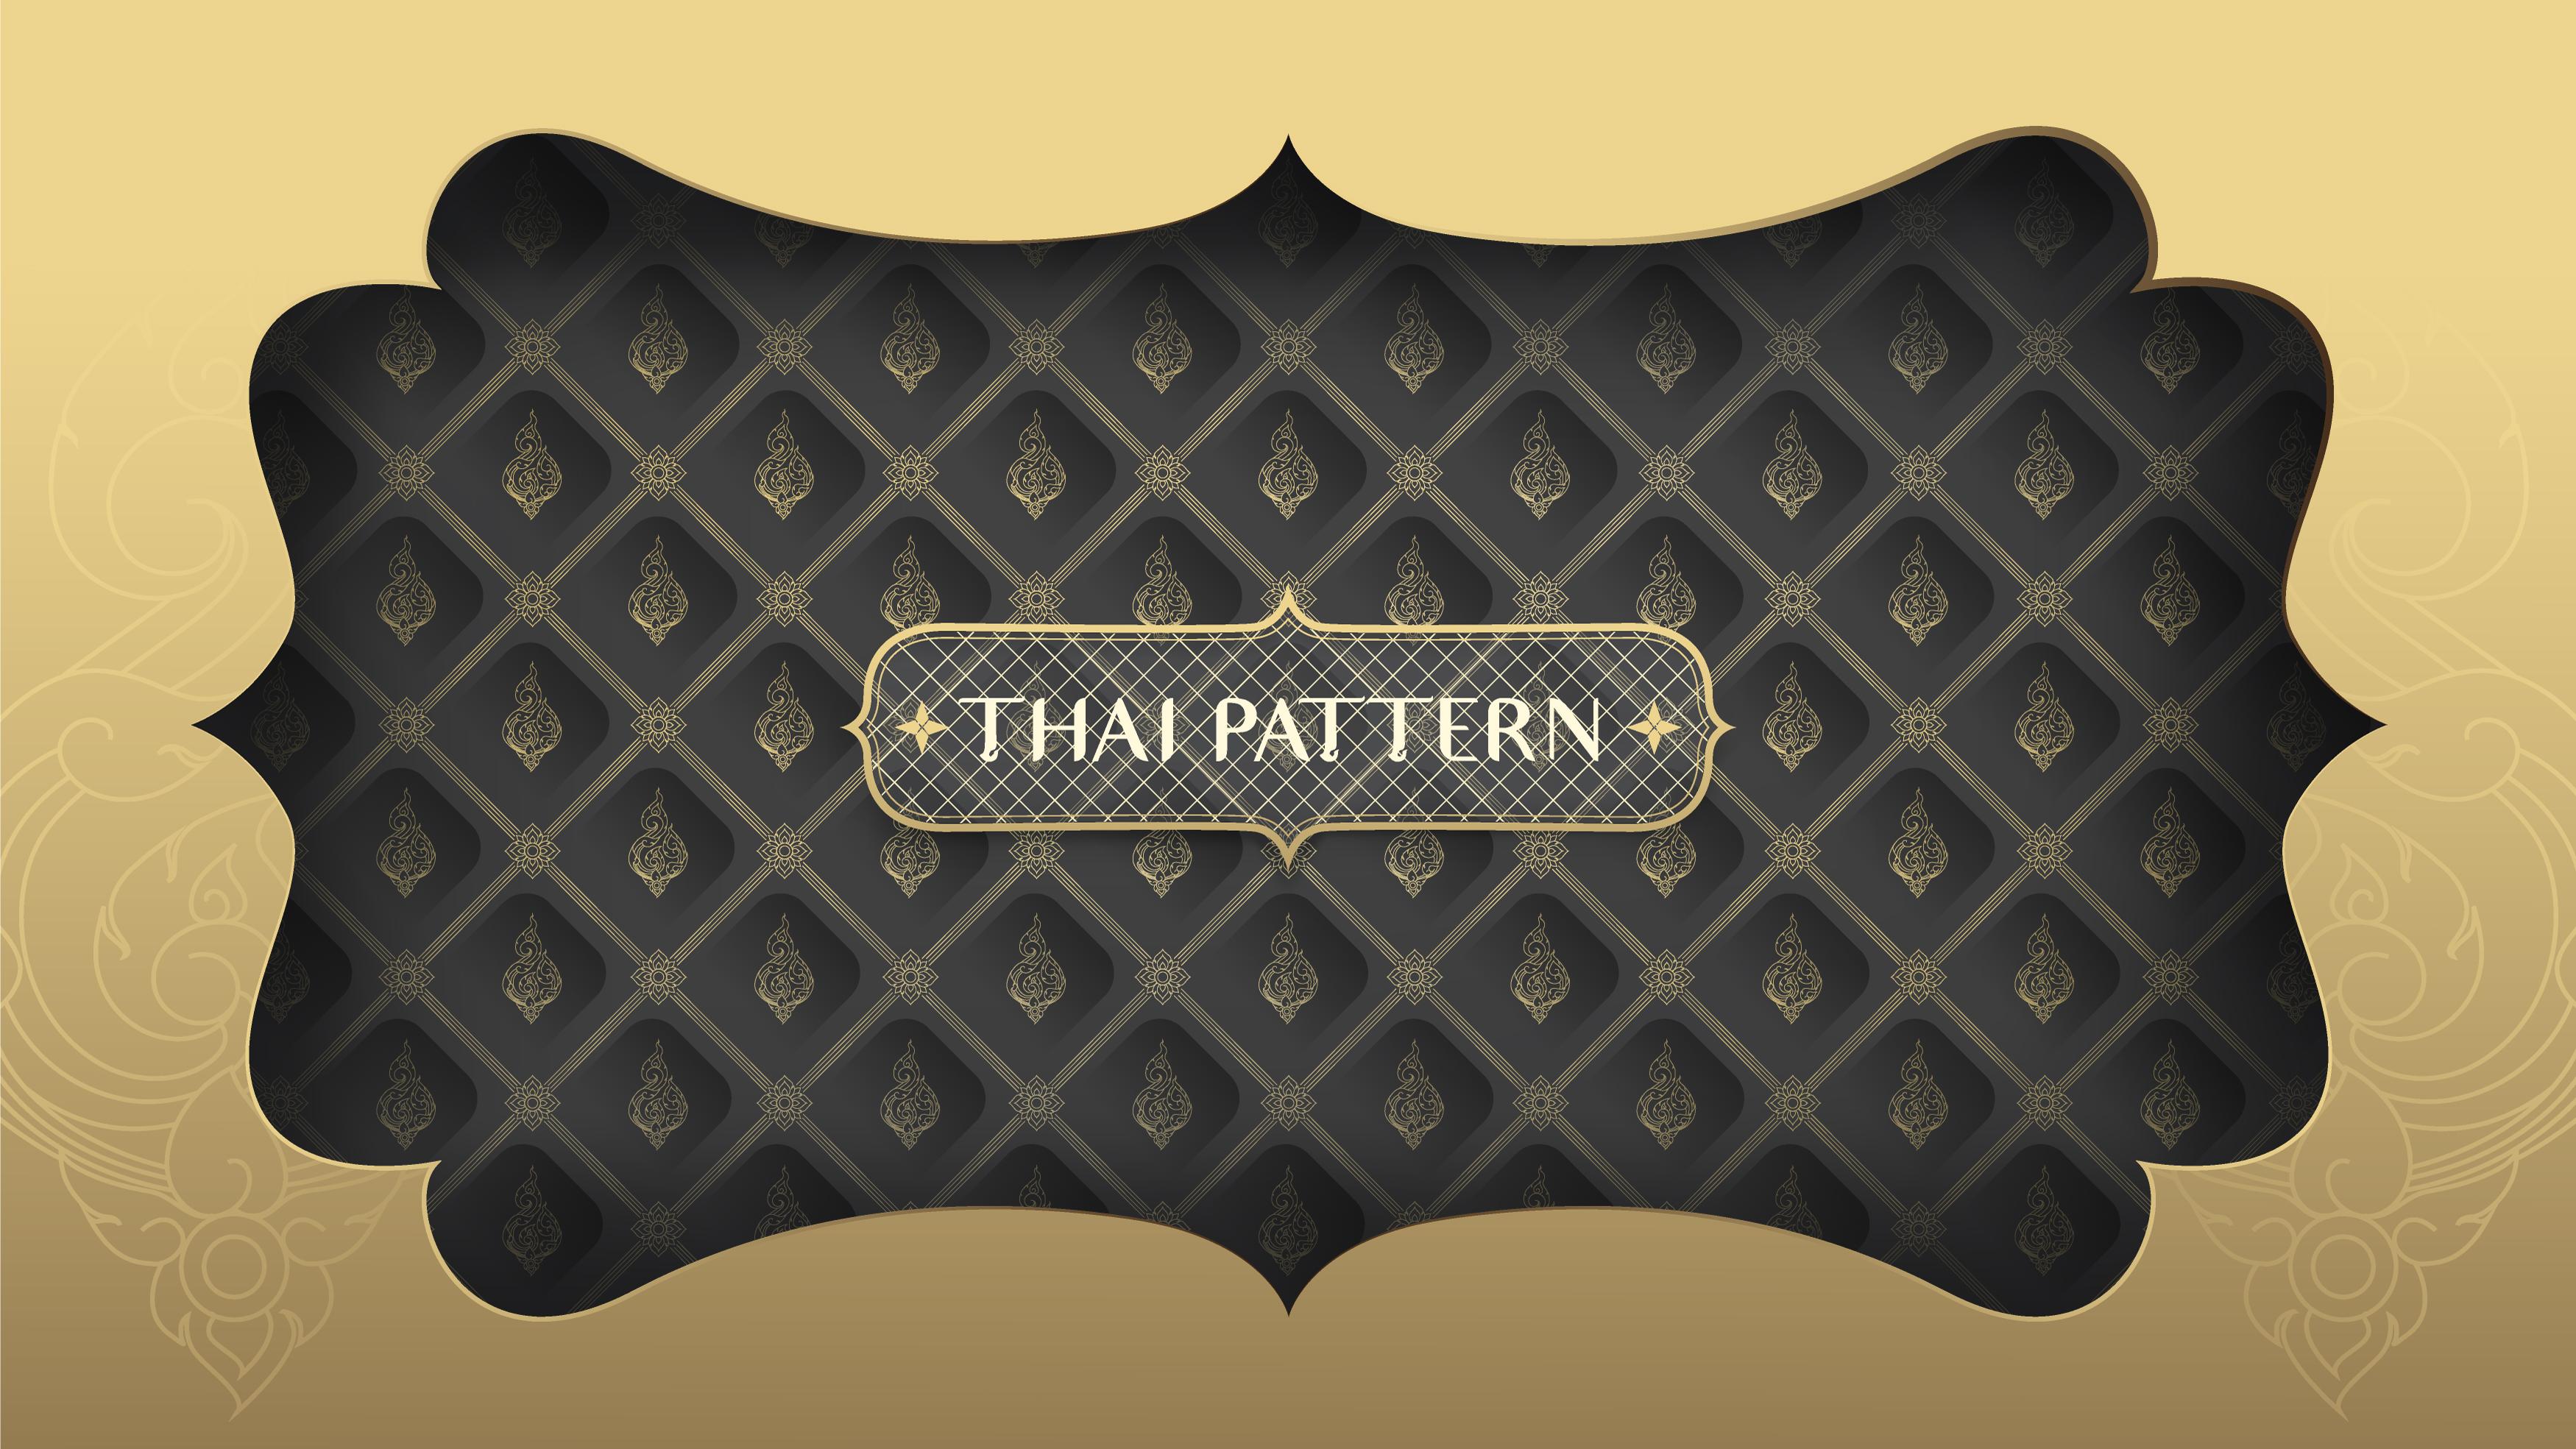 marco dorado sobre patrón tailandés negro y dorado